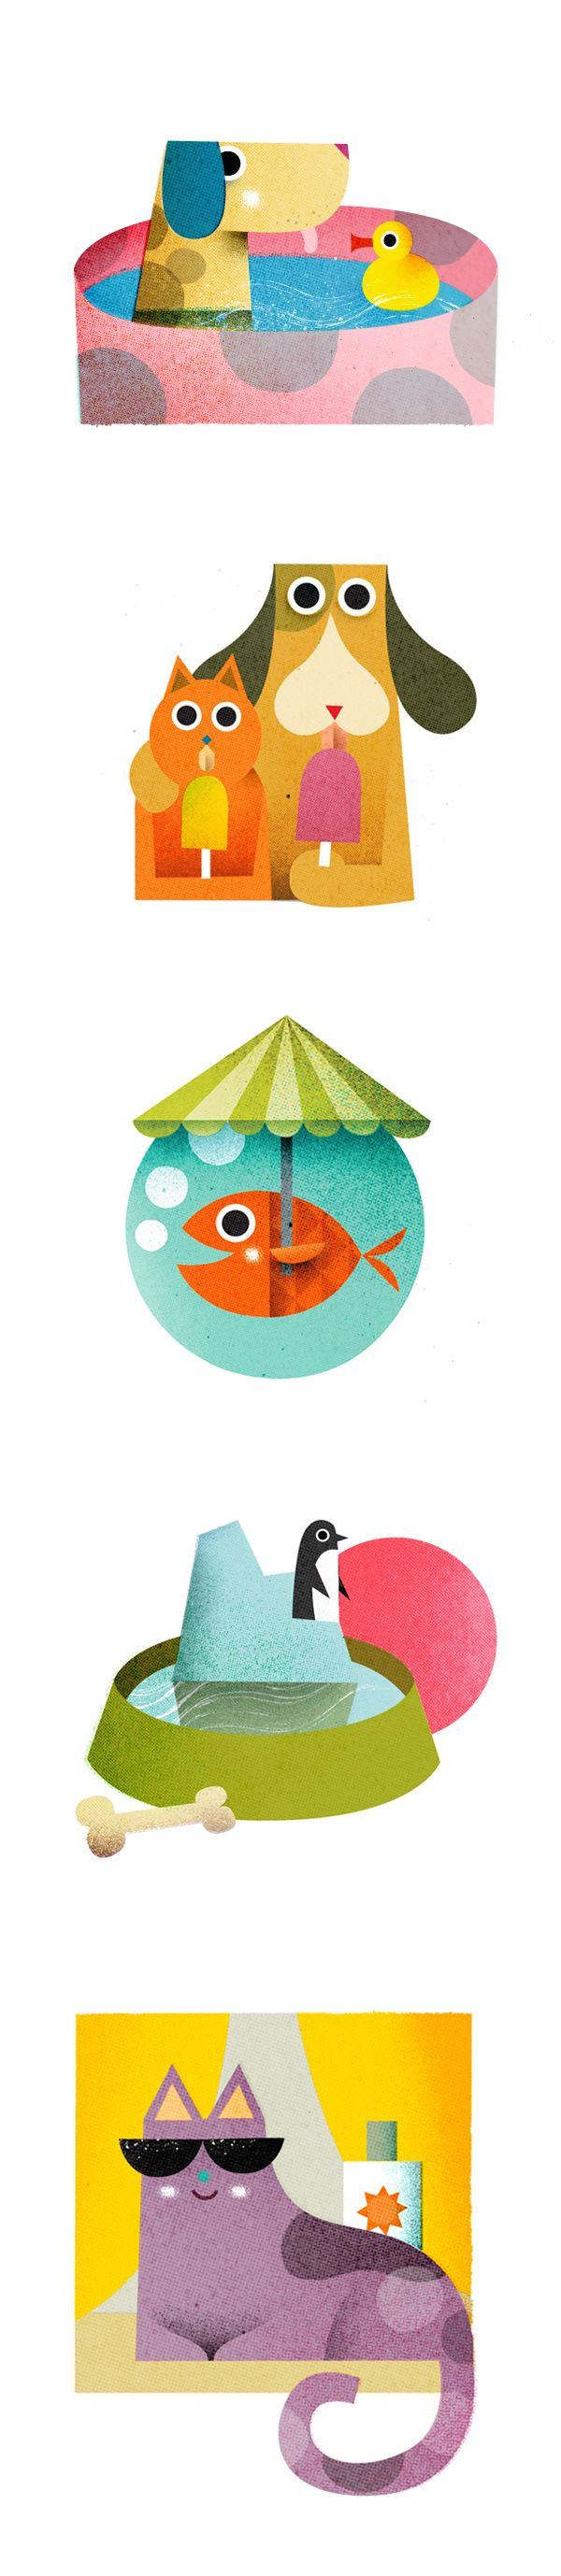 Philip Giordano - Spot illustrations for Martha Stewart Living Magazine on Behance